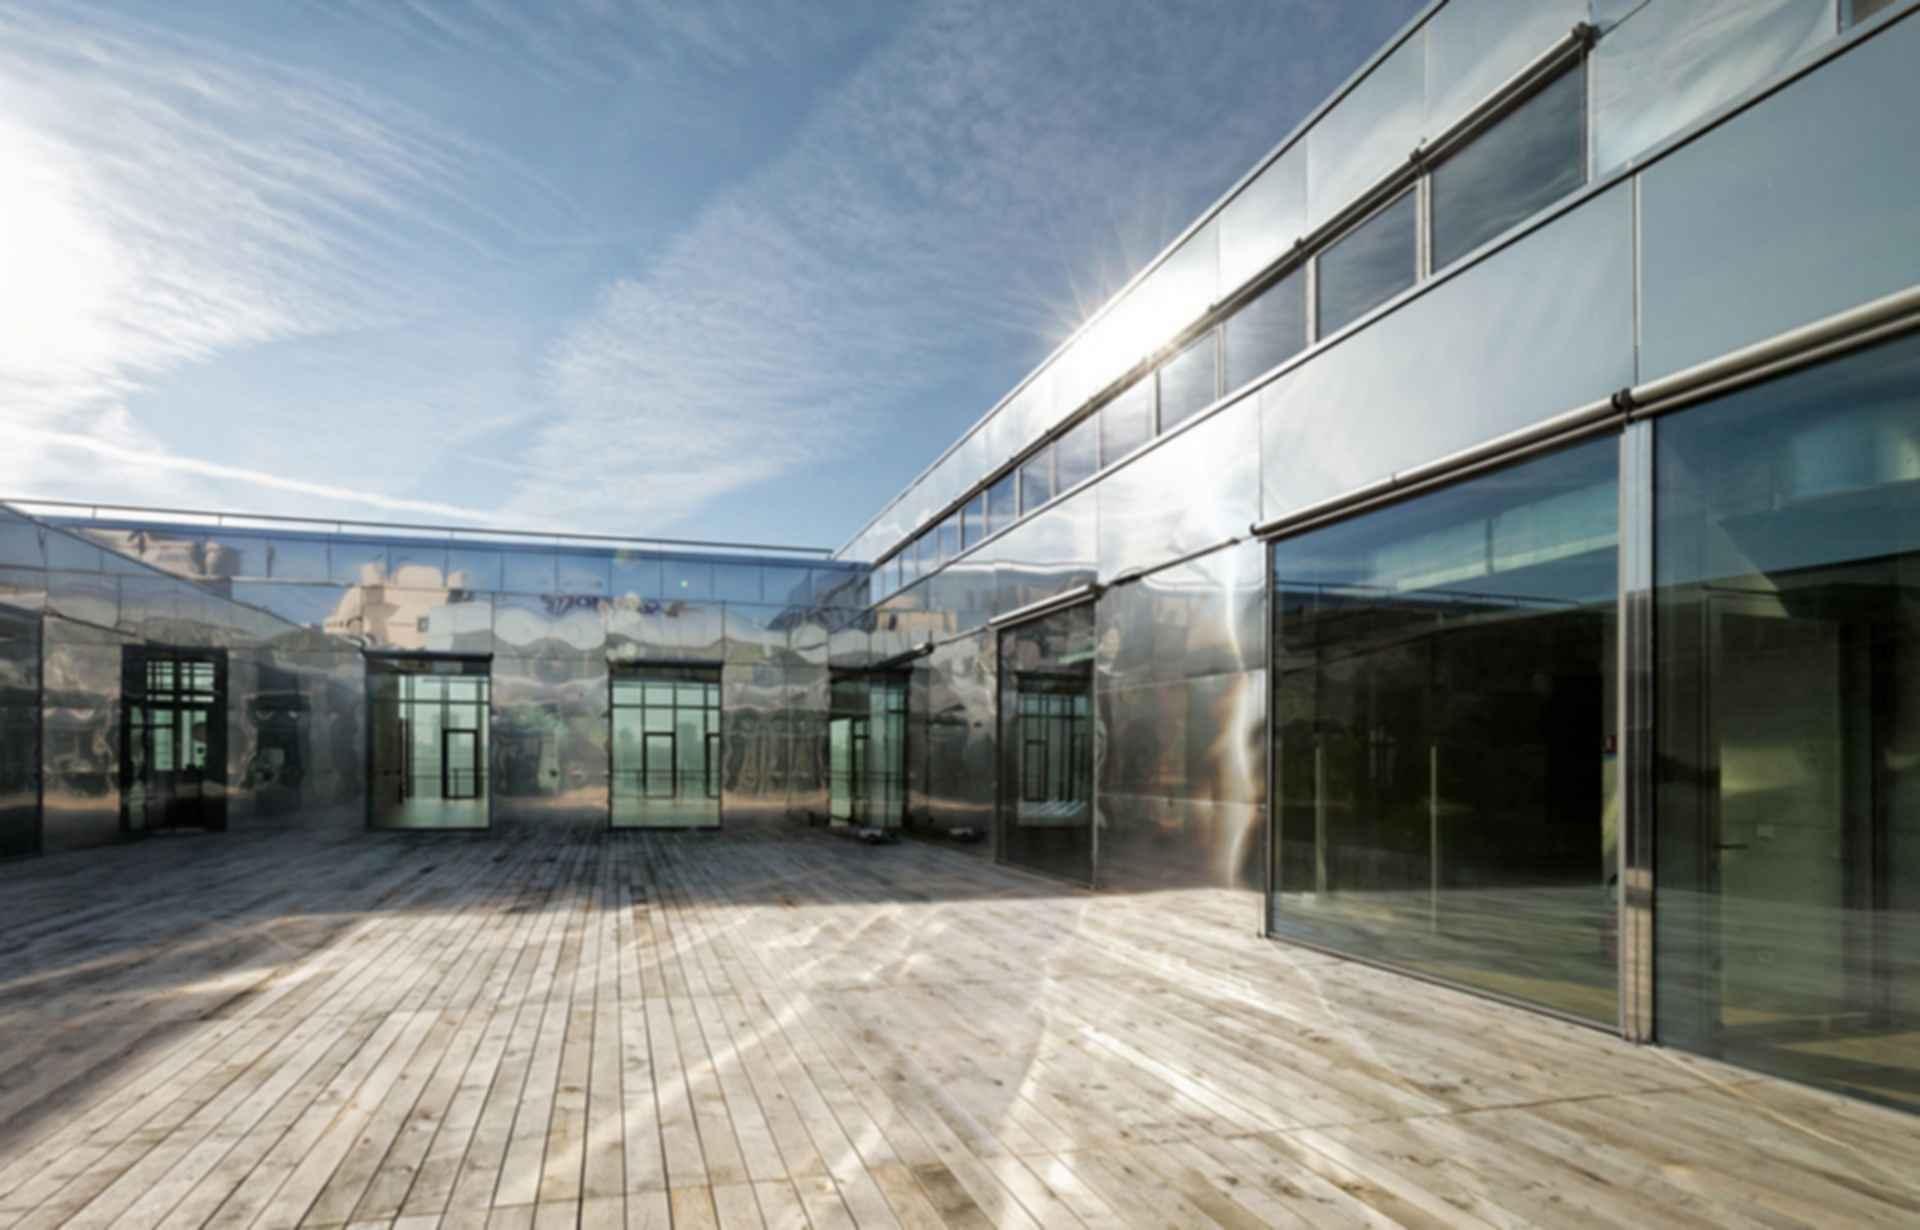 Sports Center Jules Ladoumegue - Courtyard